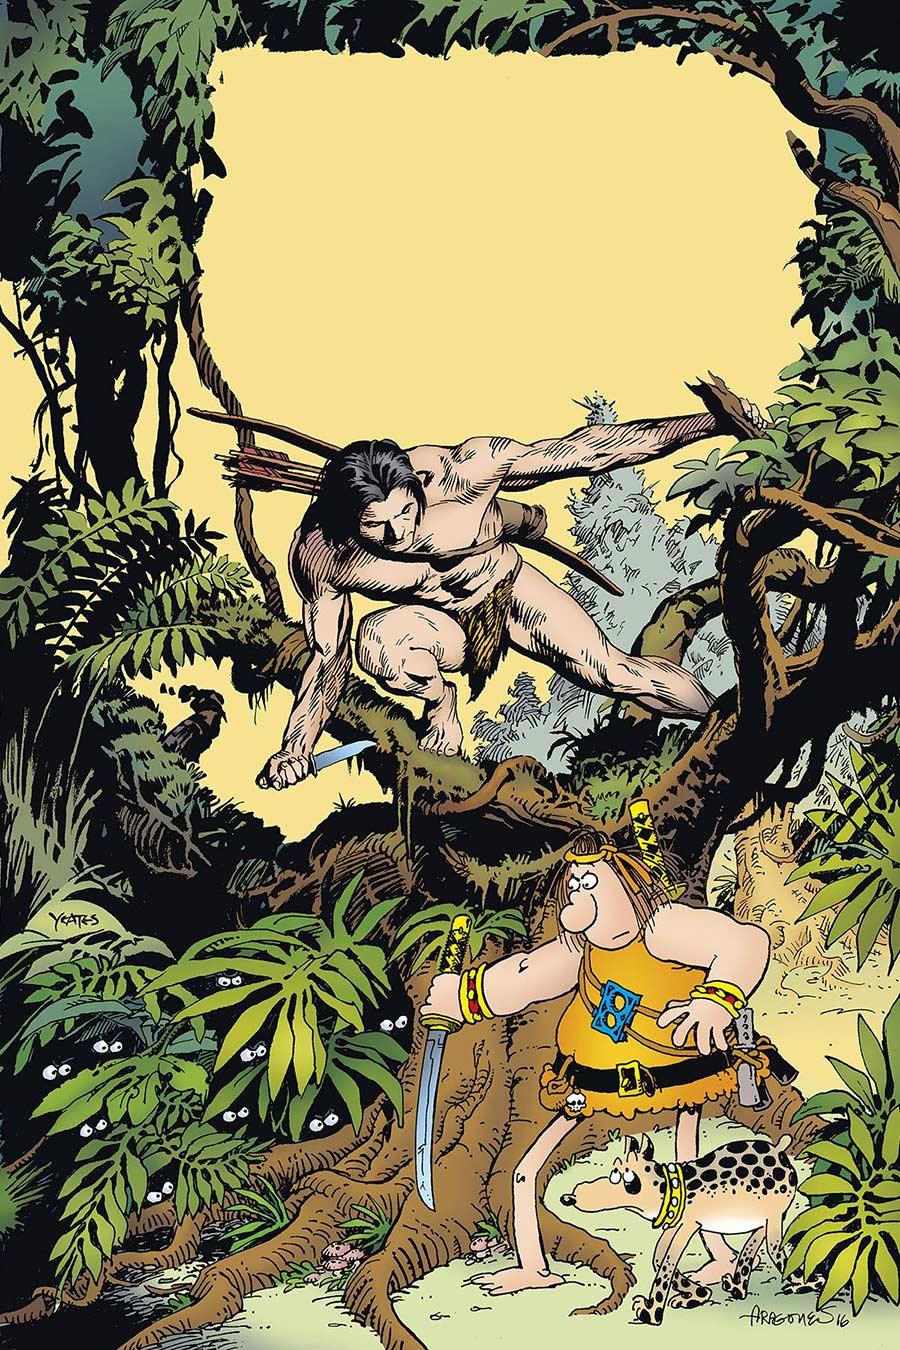 Groo Meets Tarzan